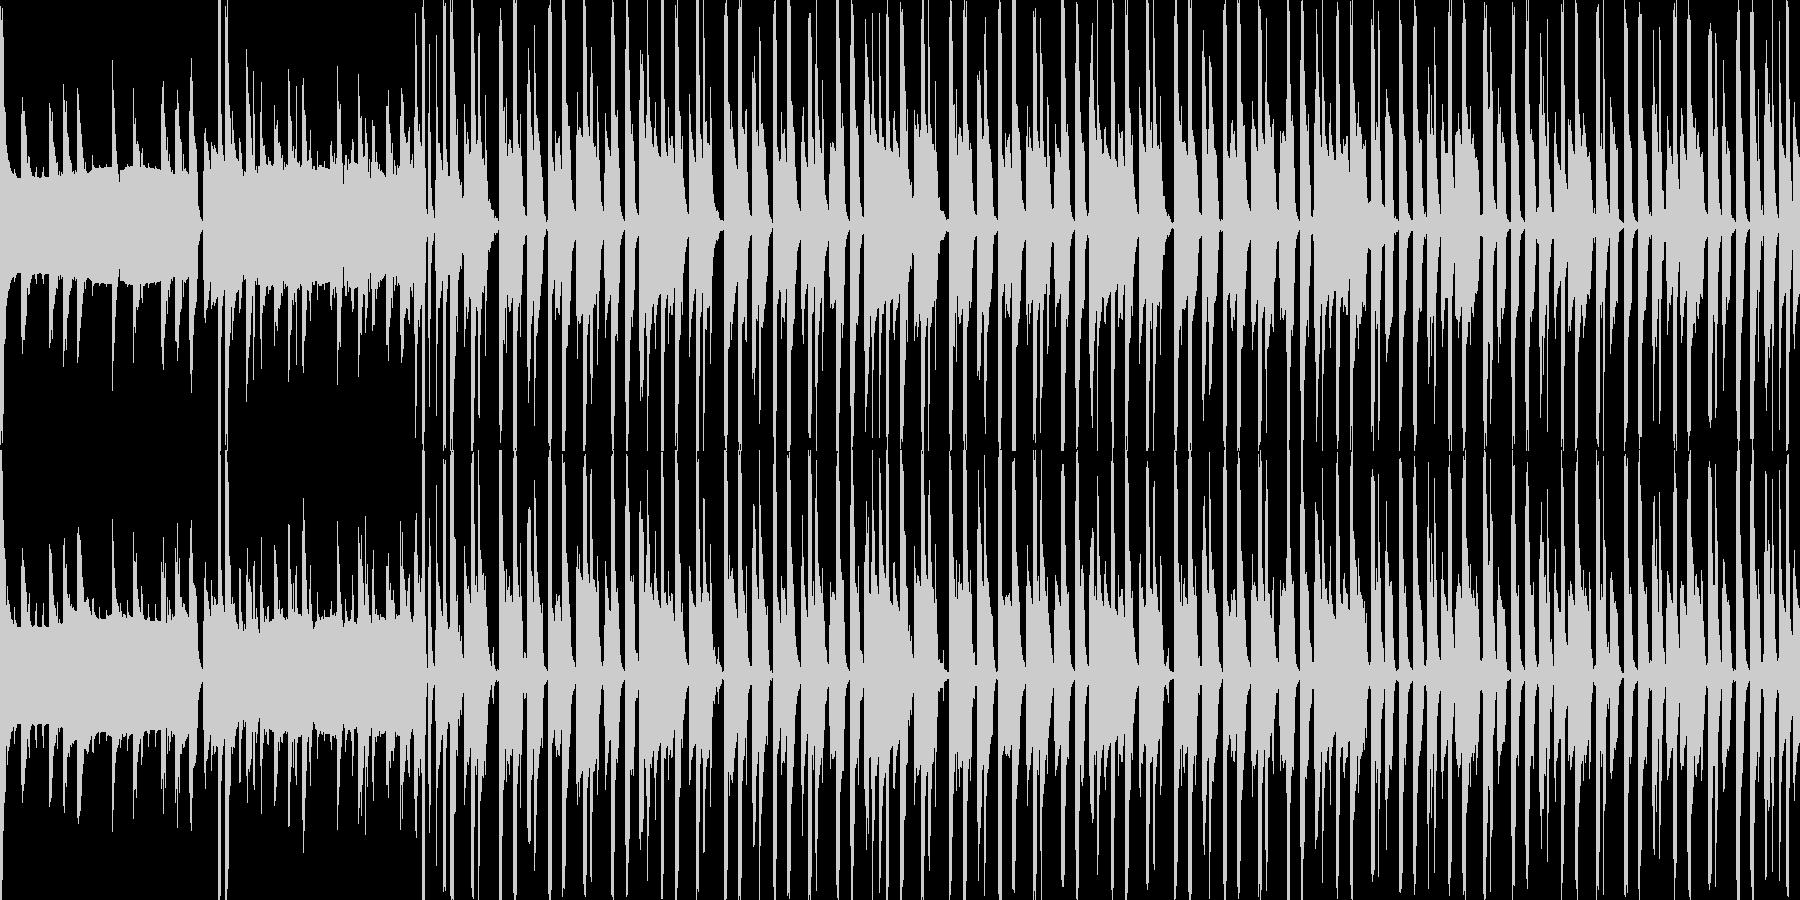 森の中で遊ぶ(Loop対応)の未再生の波形